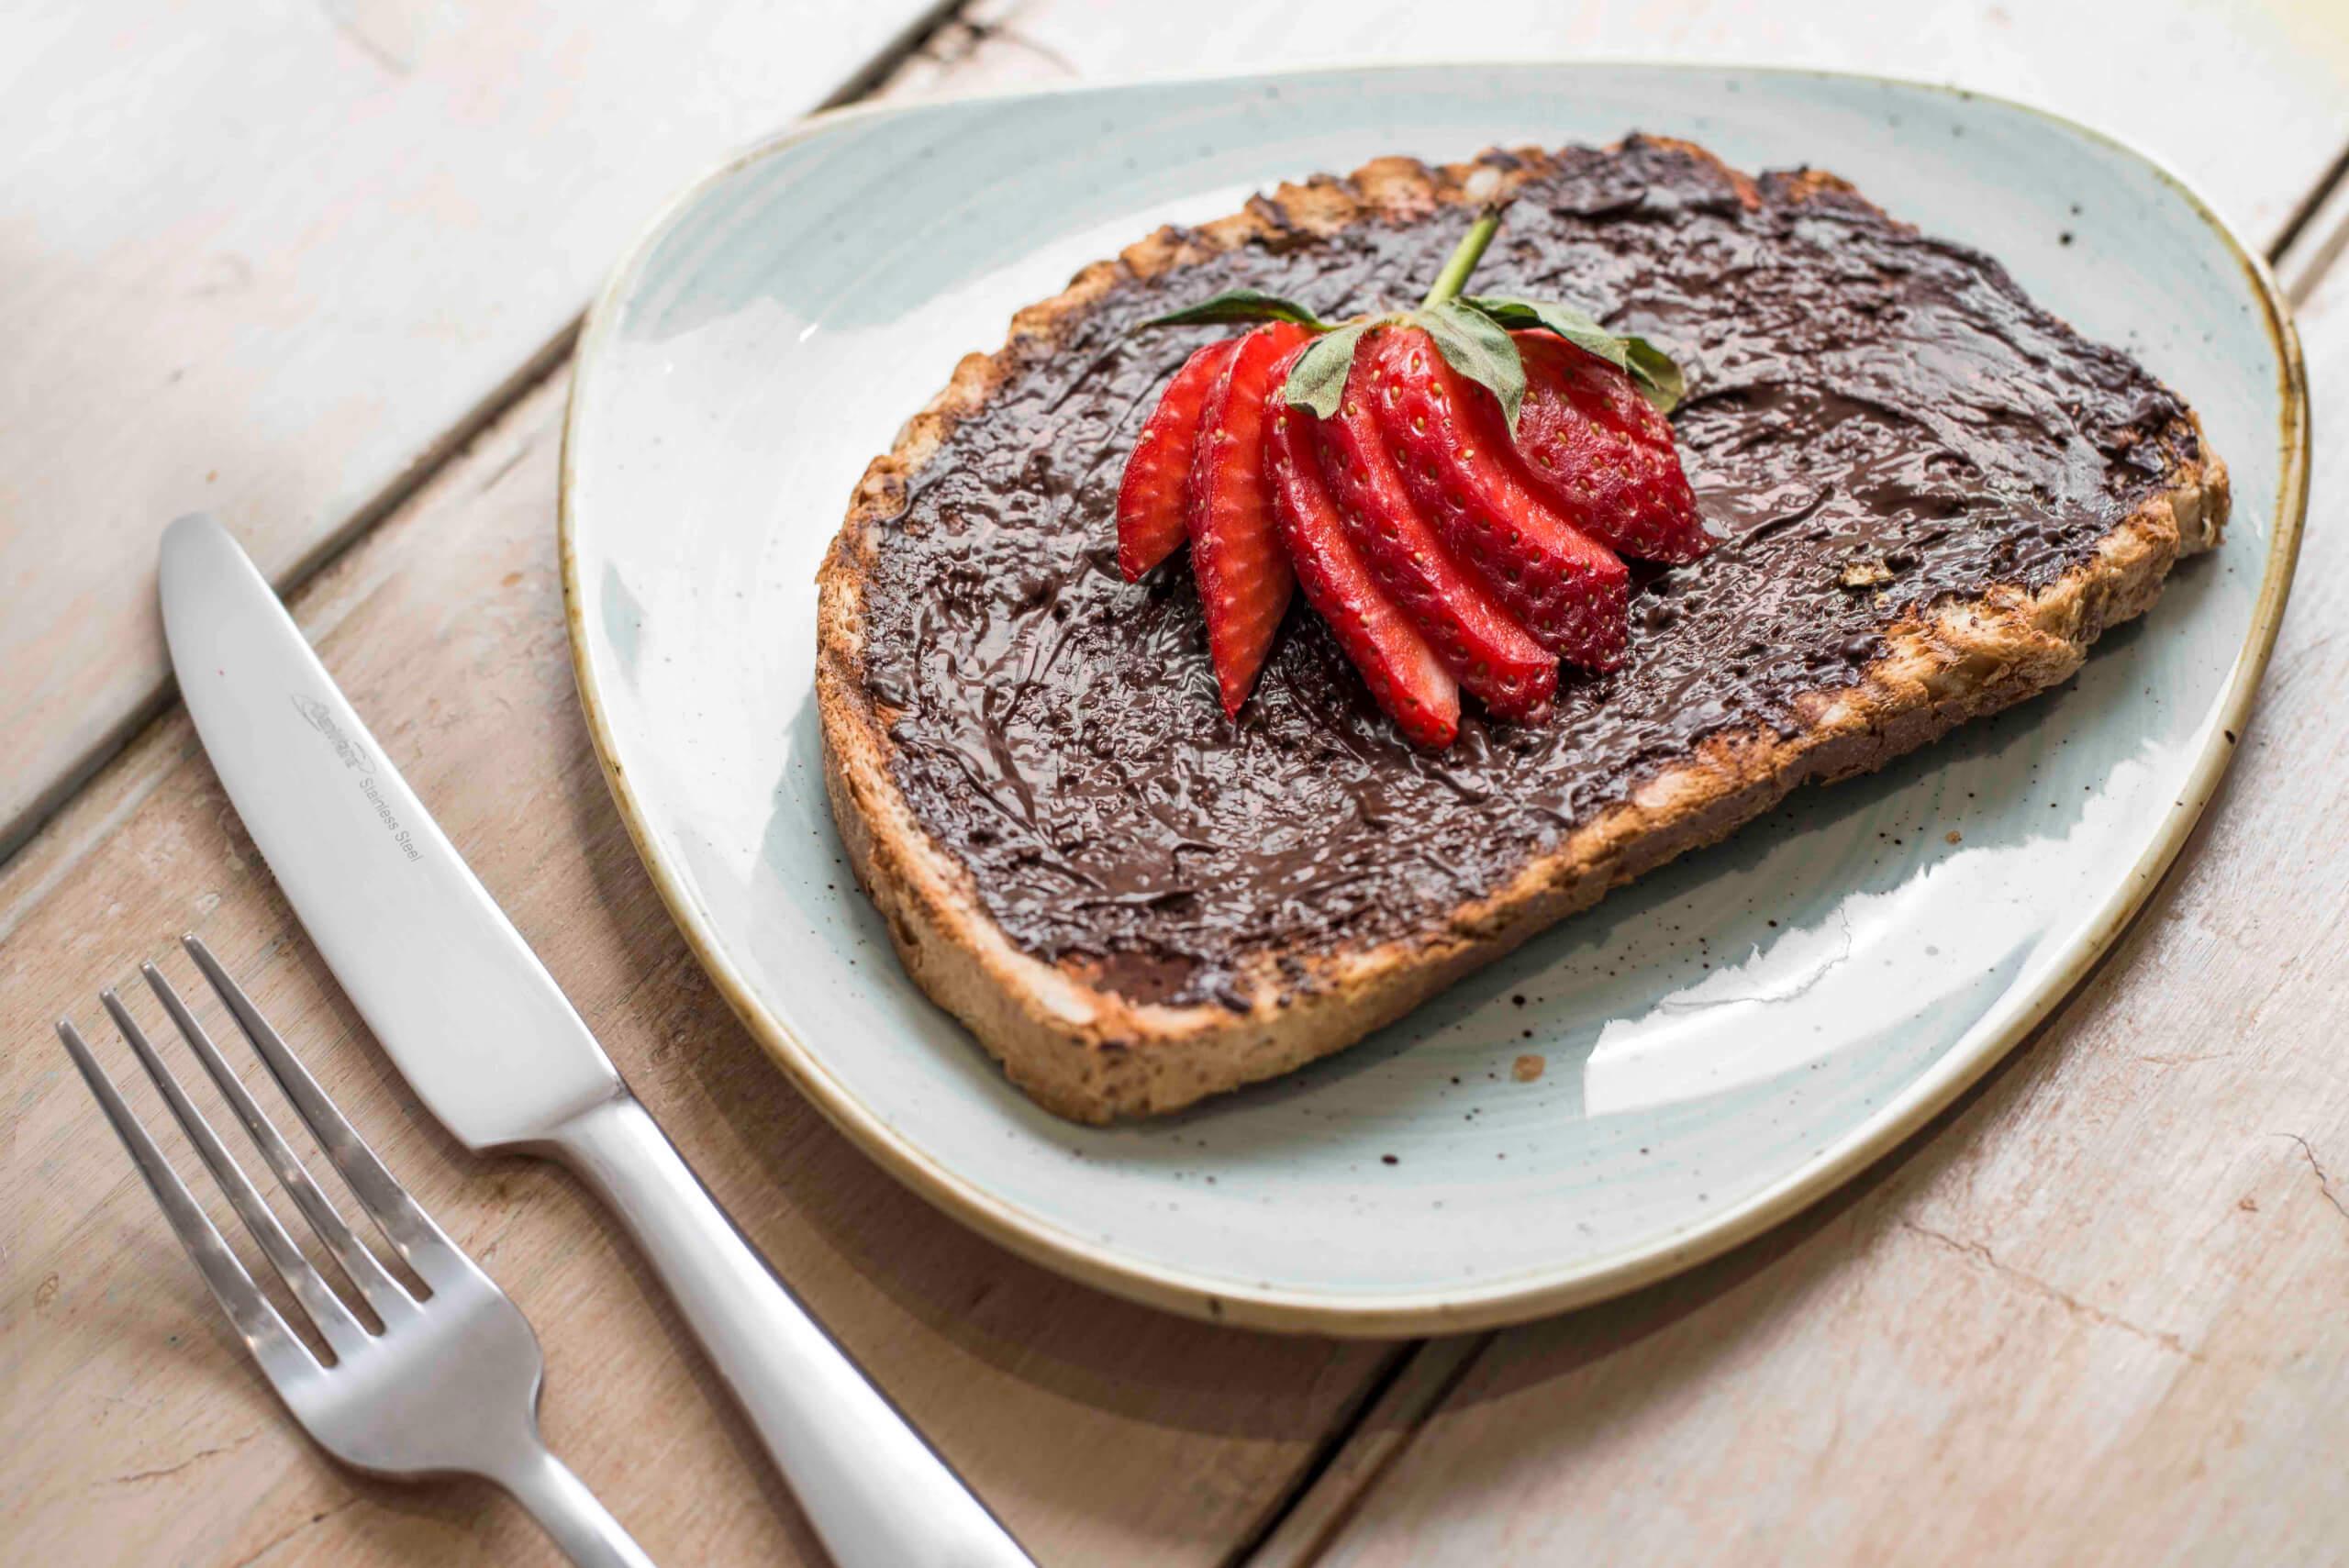 Photo 4 (credit Kirsty Owen) - Jaz & Jul's weekday breakfast toast Seggiano chocolate hazelnut spread-2